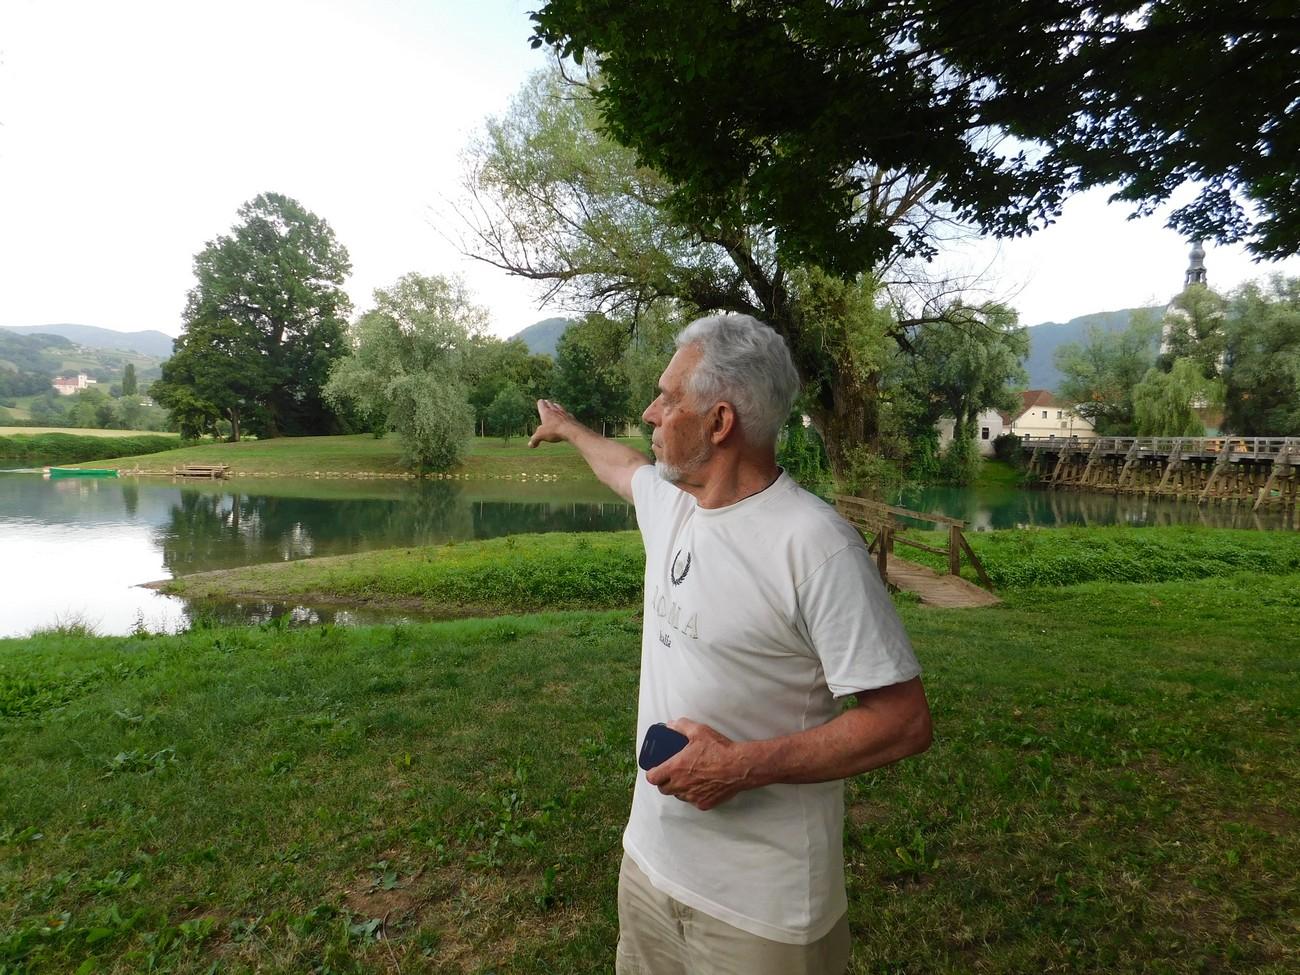 Pričevalec Jože Jankovič stoji na levem bregu Krke v Kostanjevici, ki je bil nemški. Mejna kontrola je bila na severni strani mostu, ki je na desni strani slike. V delu Jankovičeve hiše na otoku je bil italijanski bunker. Avtor fotografije: Božidar Flajšman.